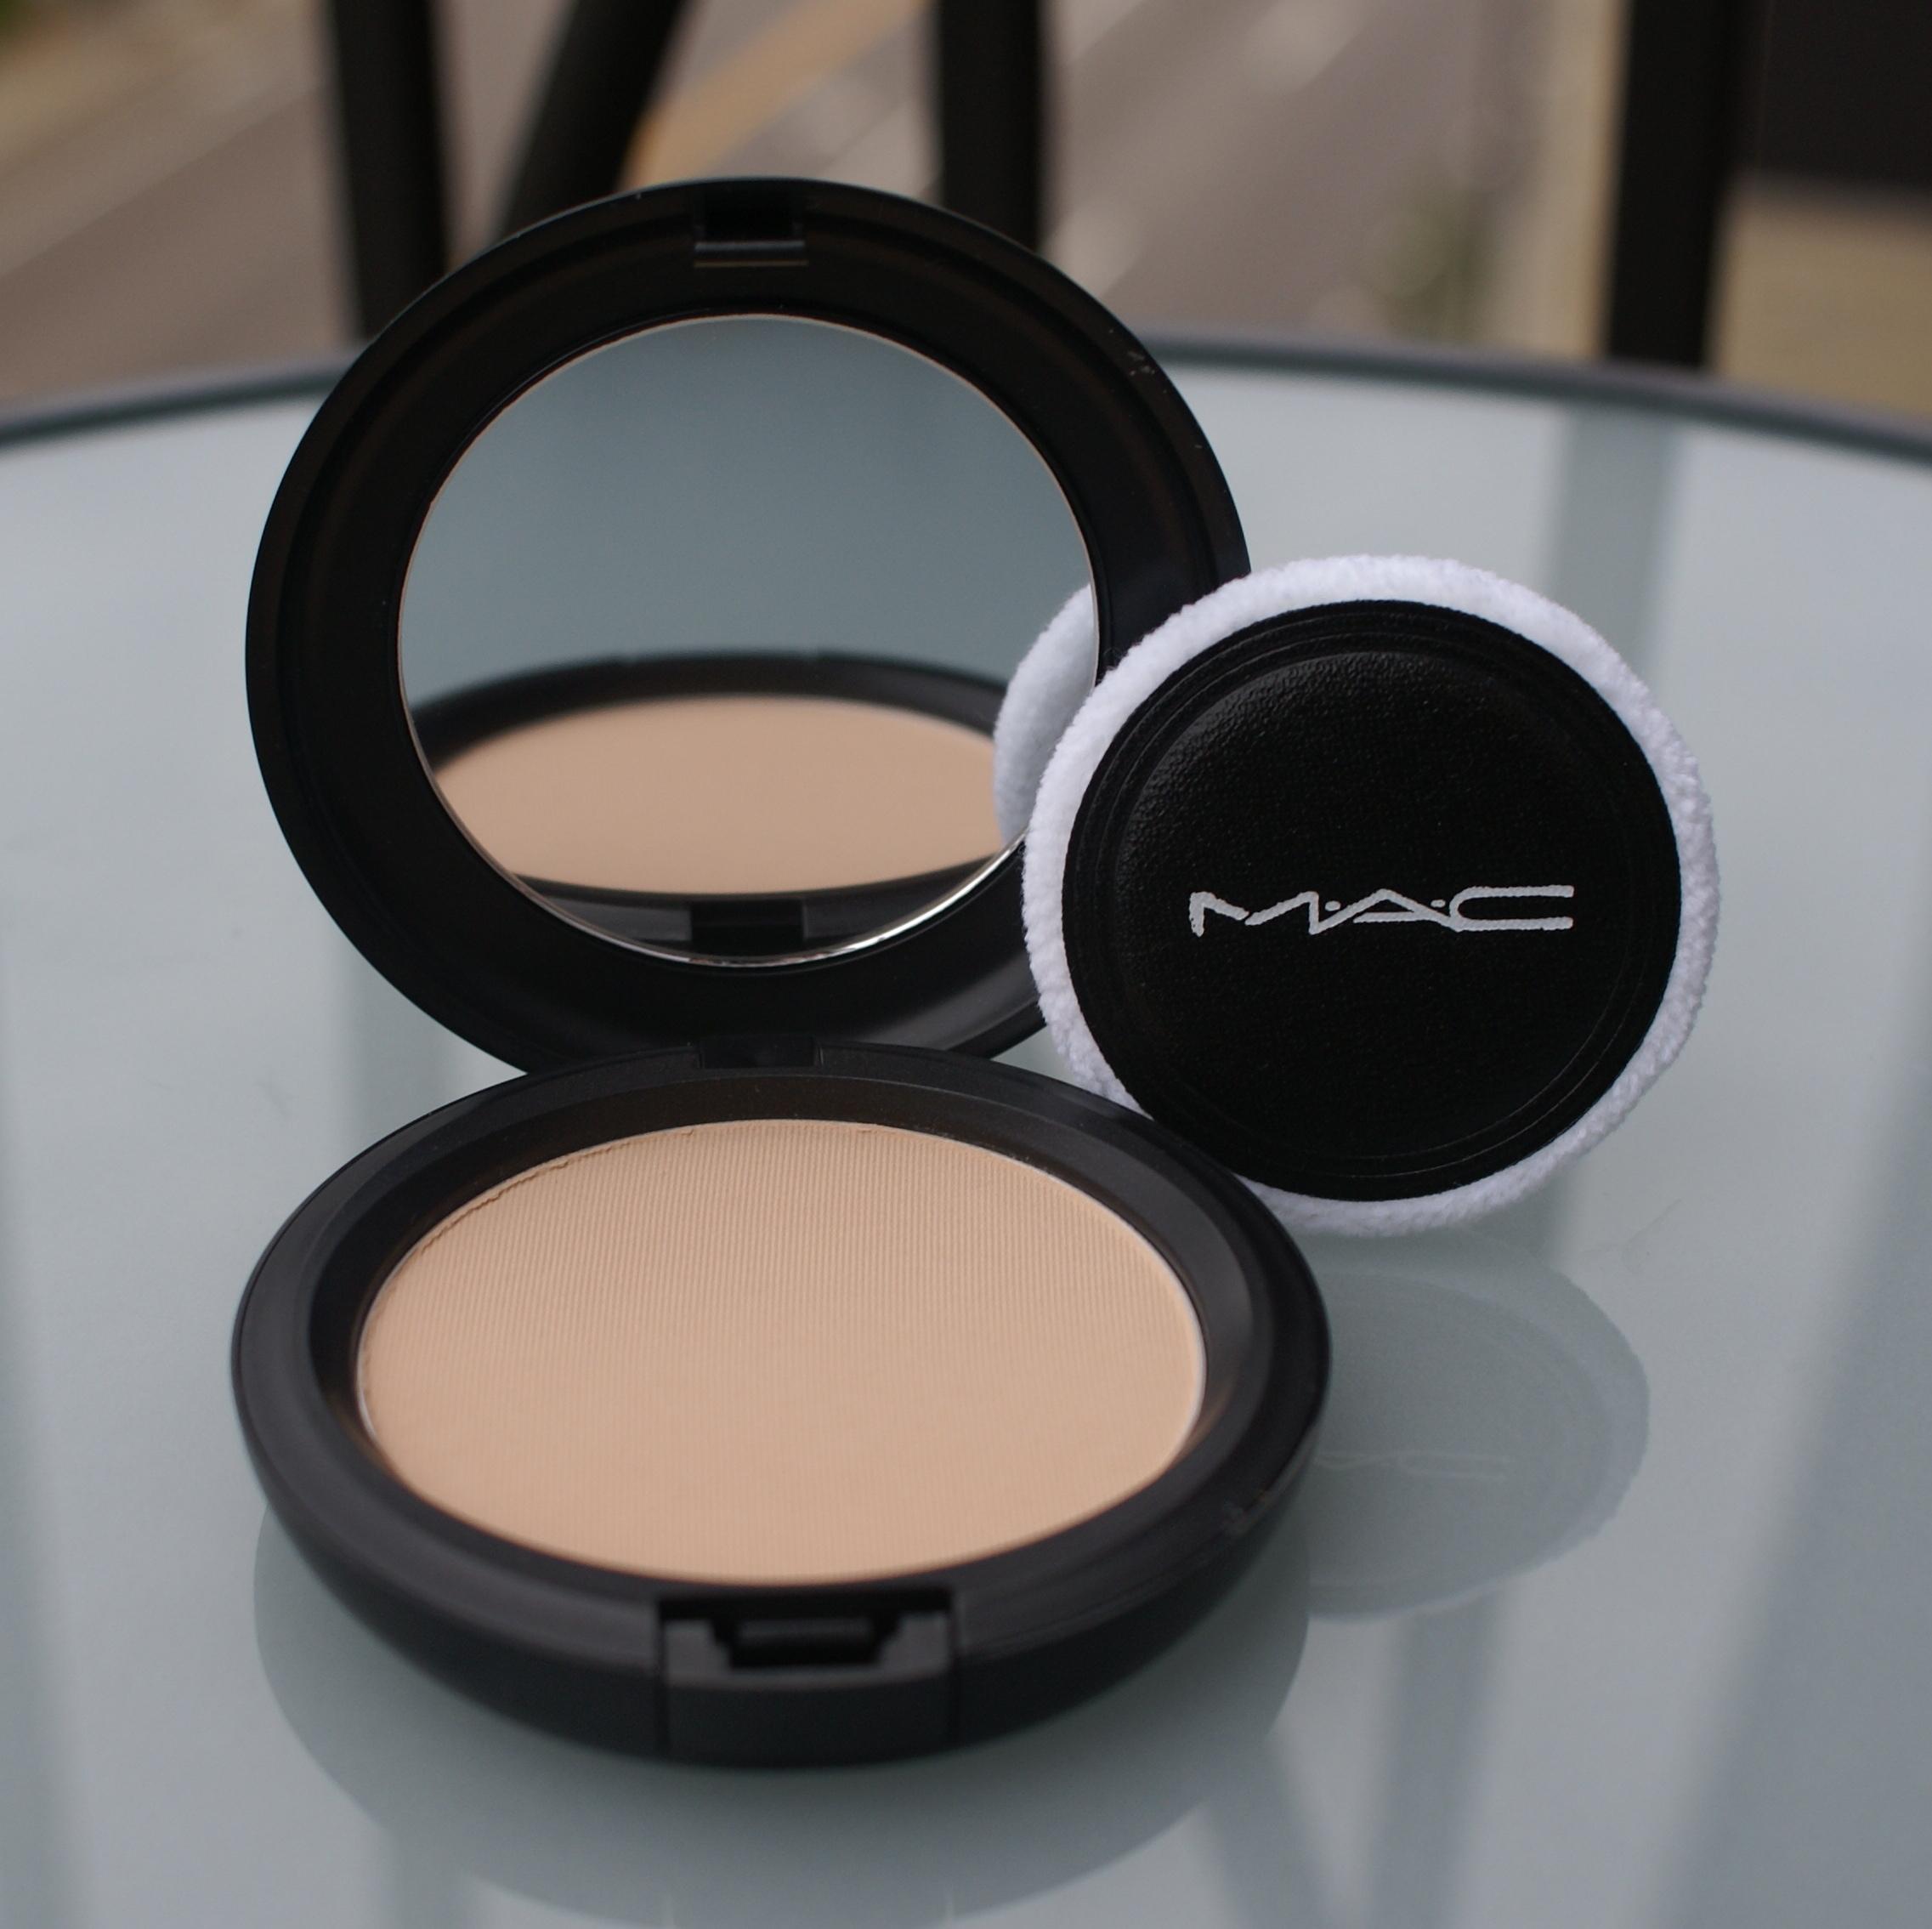 Blot Pressed Powder by MAC #12